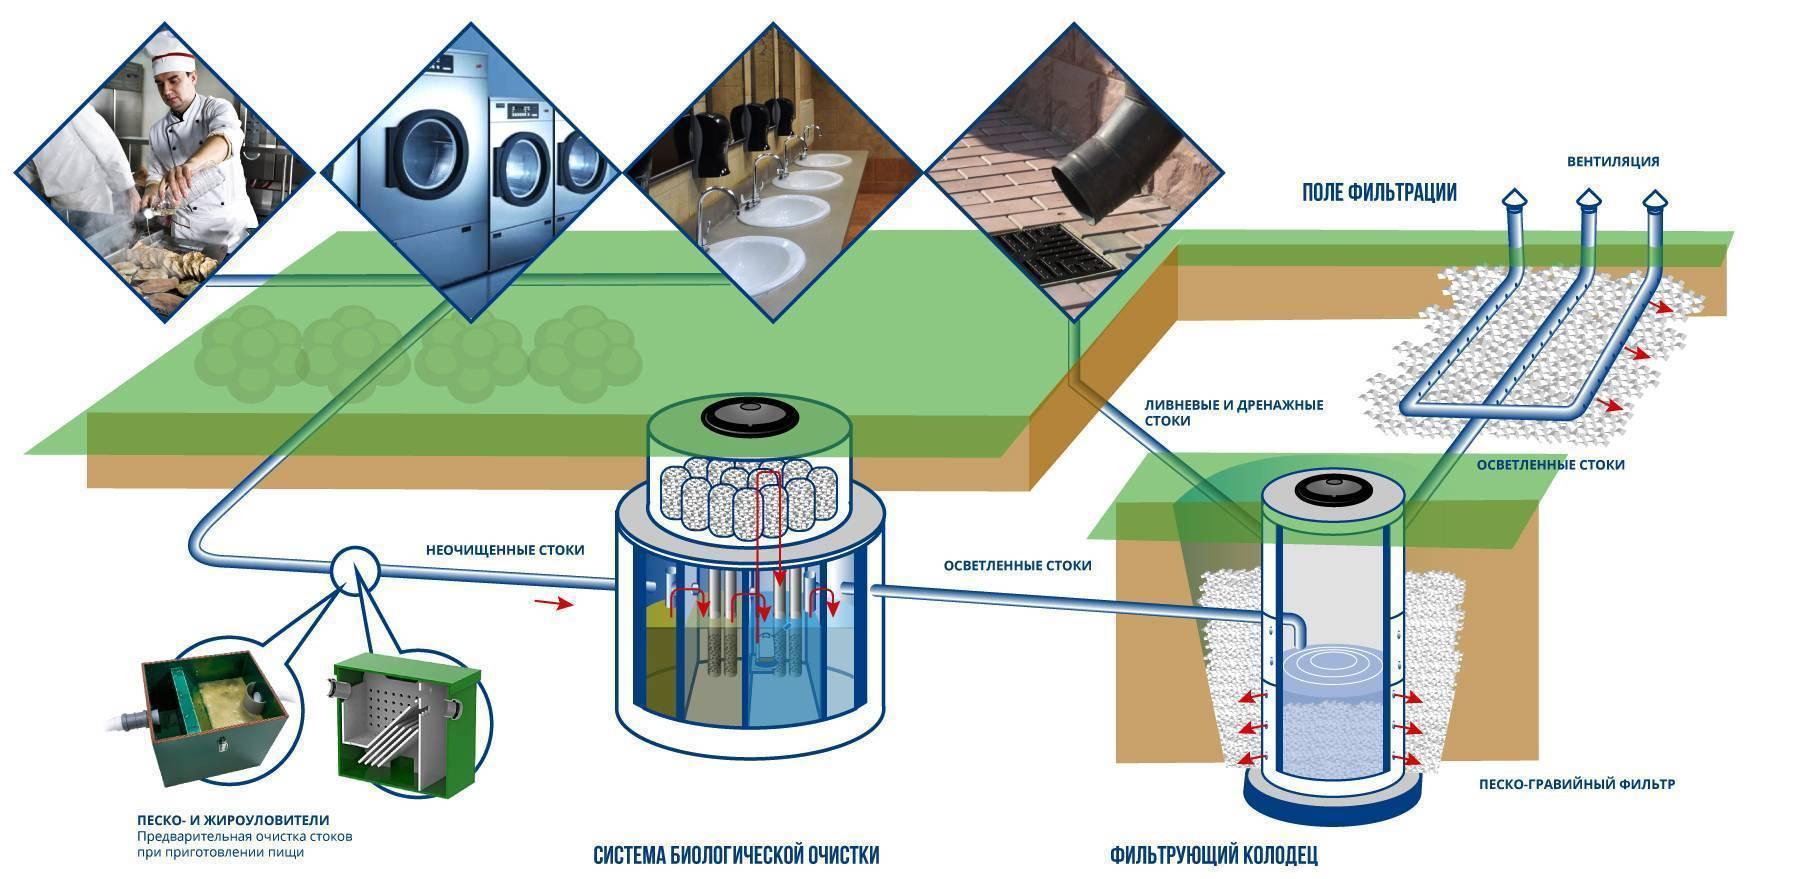 Поле фильтрации для септика своими руками: рассчет, схема, видео